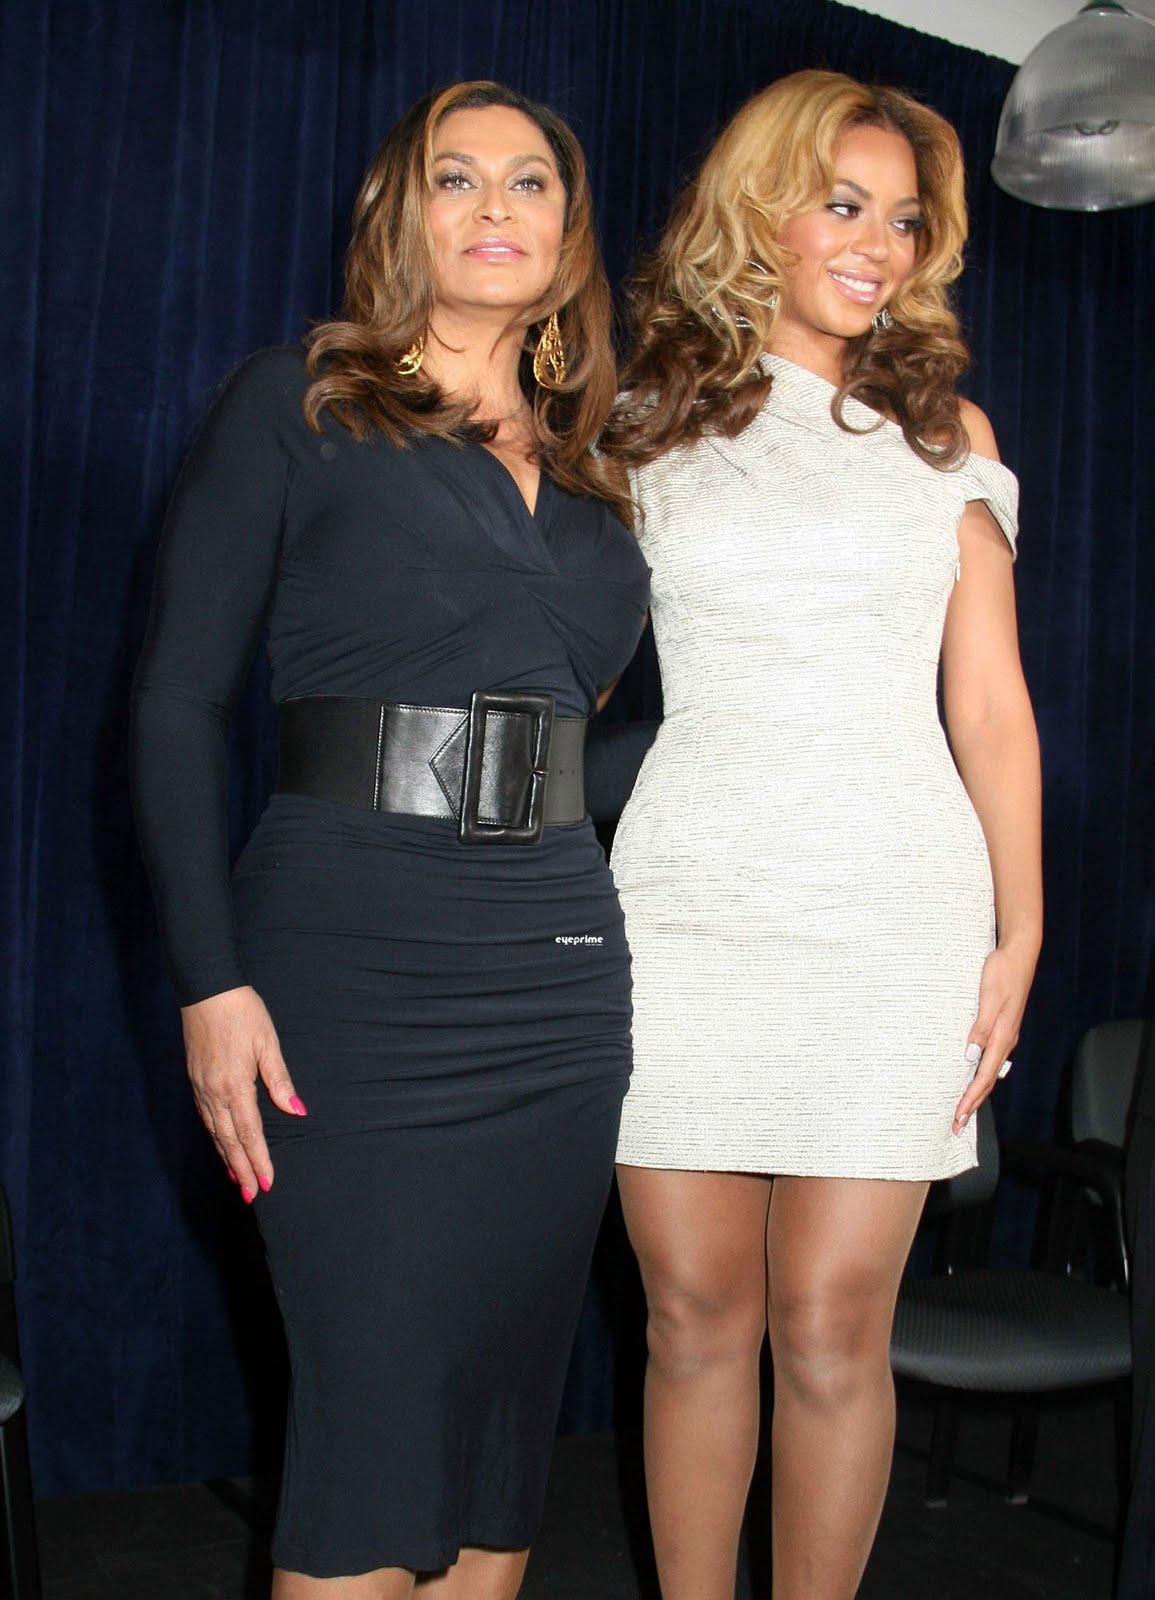 http://4.bp.blogspot.com/_6A8j2EQmANk/S8wQTvB_h0I/AAAAAAAACVo/8DPiiGThOaA/s1600/Beyonce1.jpg